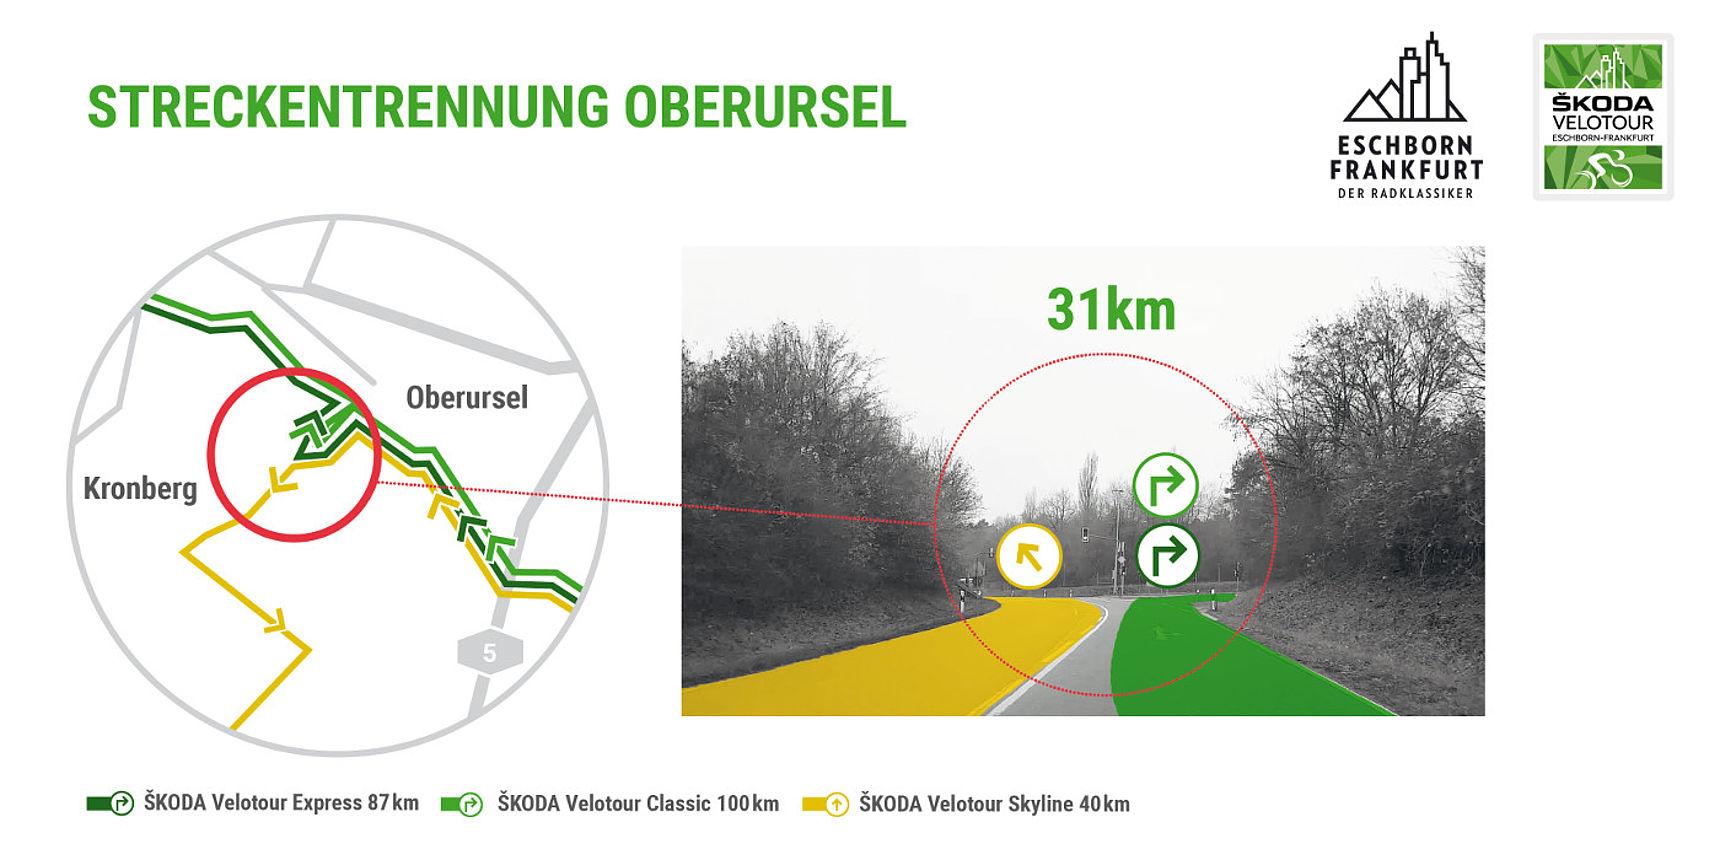 Streckentrennung 31km